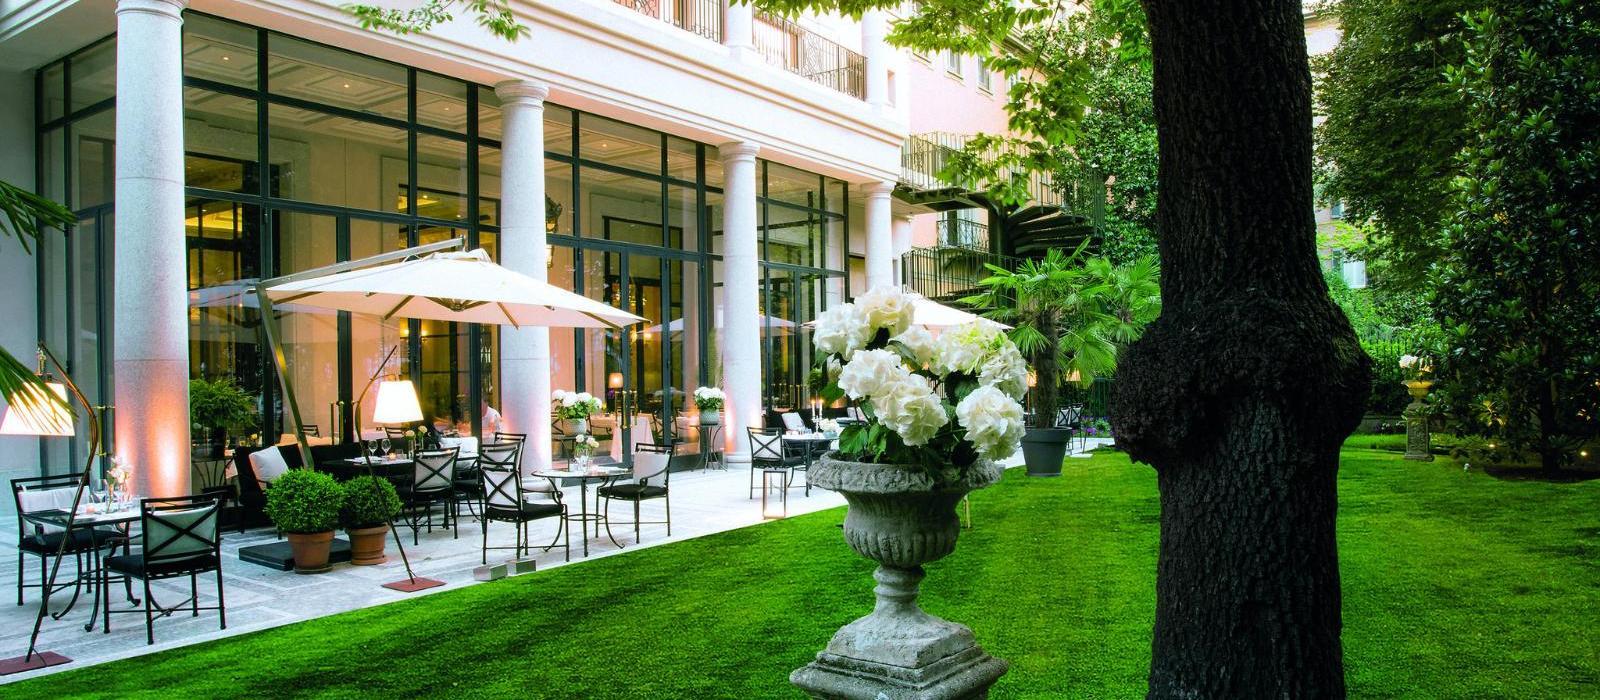 米兰巴黎宫水疗酒店(Palazzo Parigi Hotel Grand Spa) 私人花园外景图片  www.lhw.cn